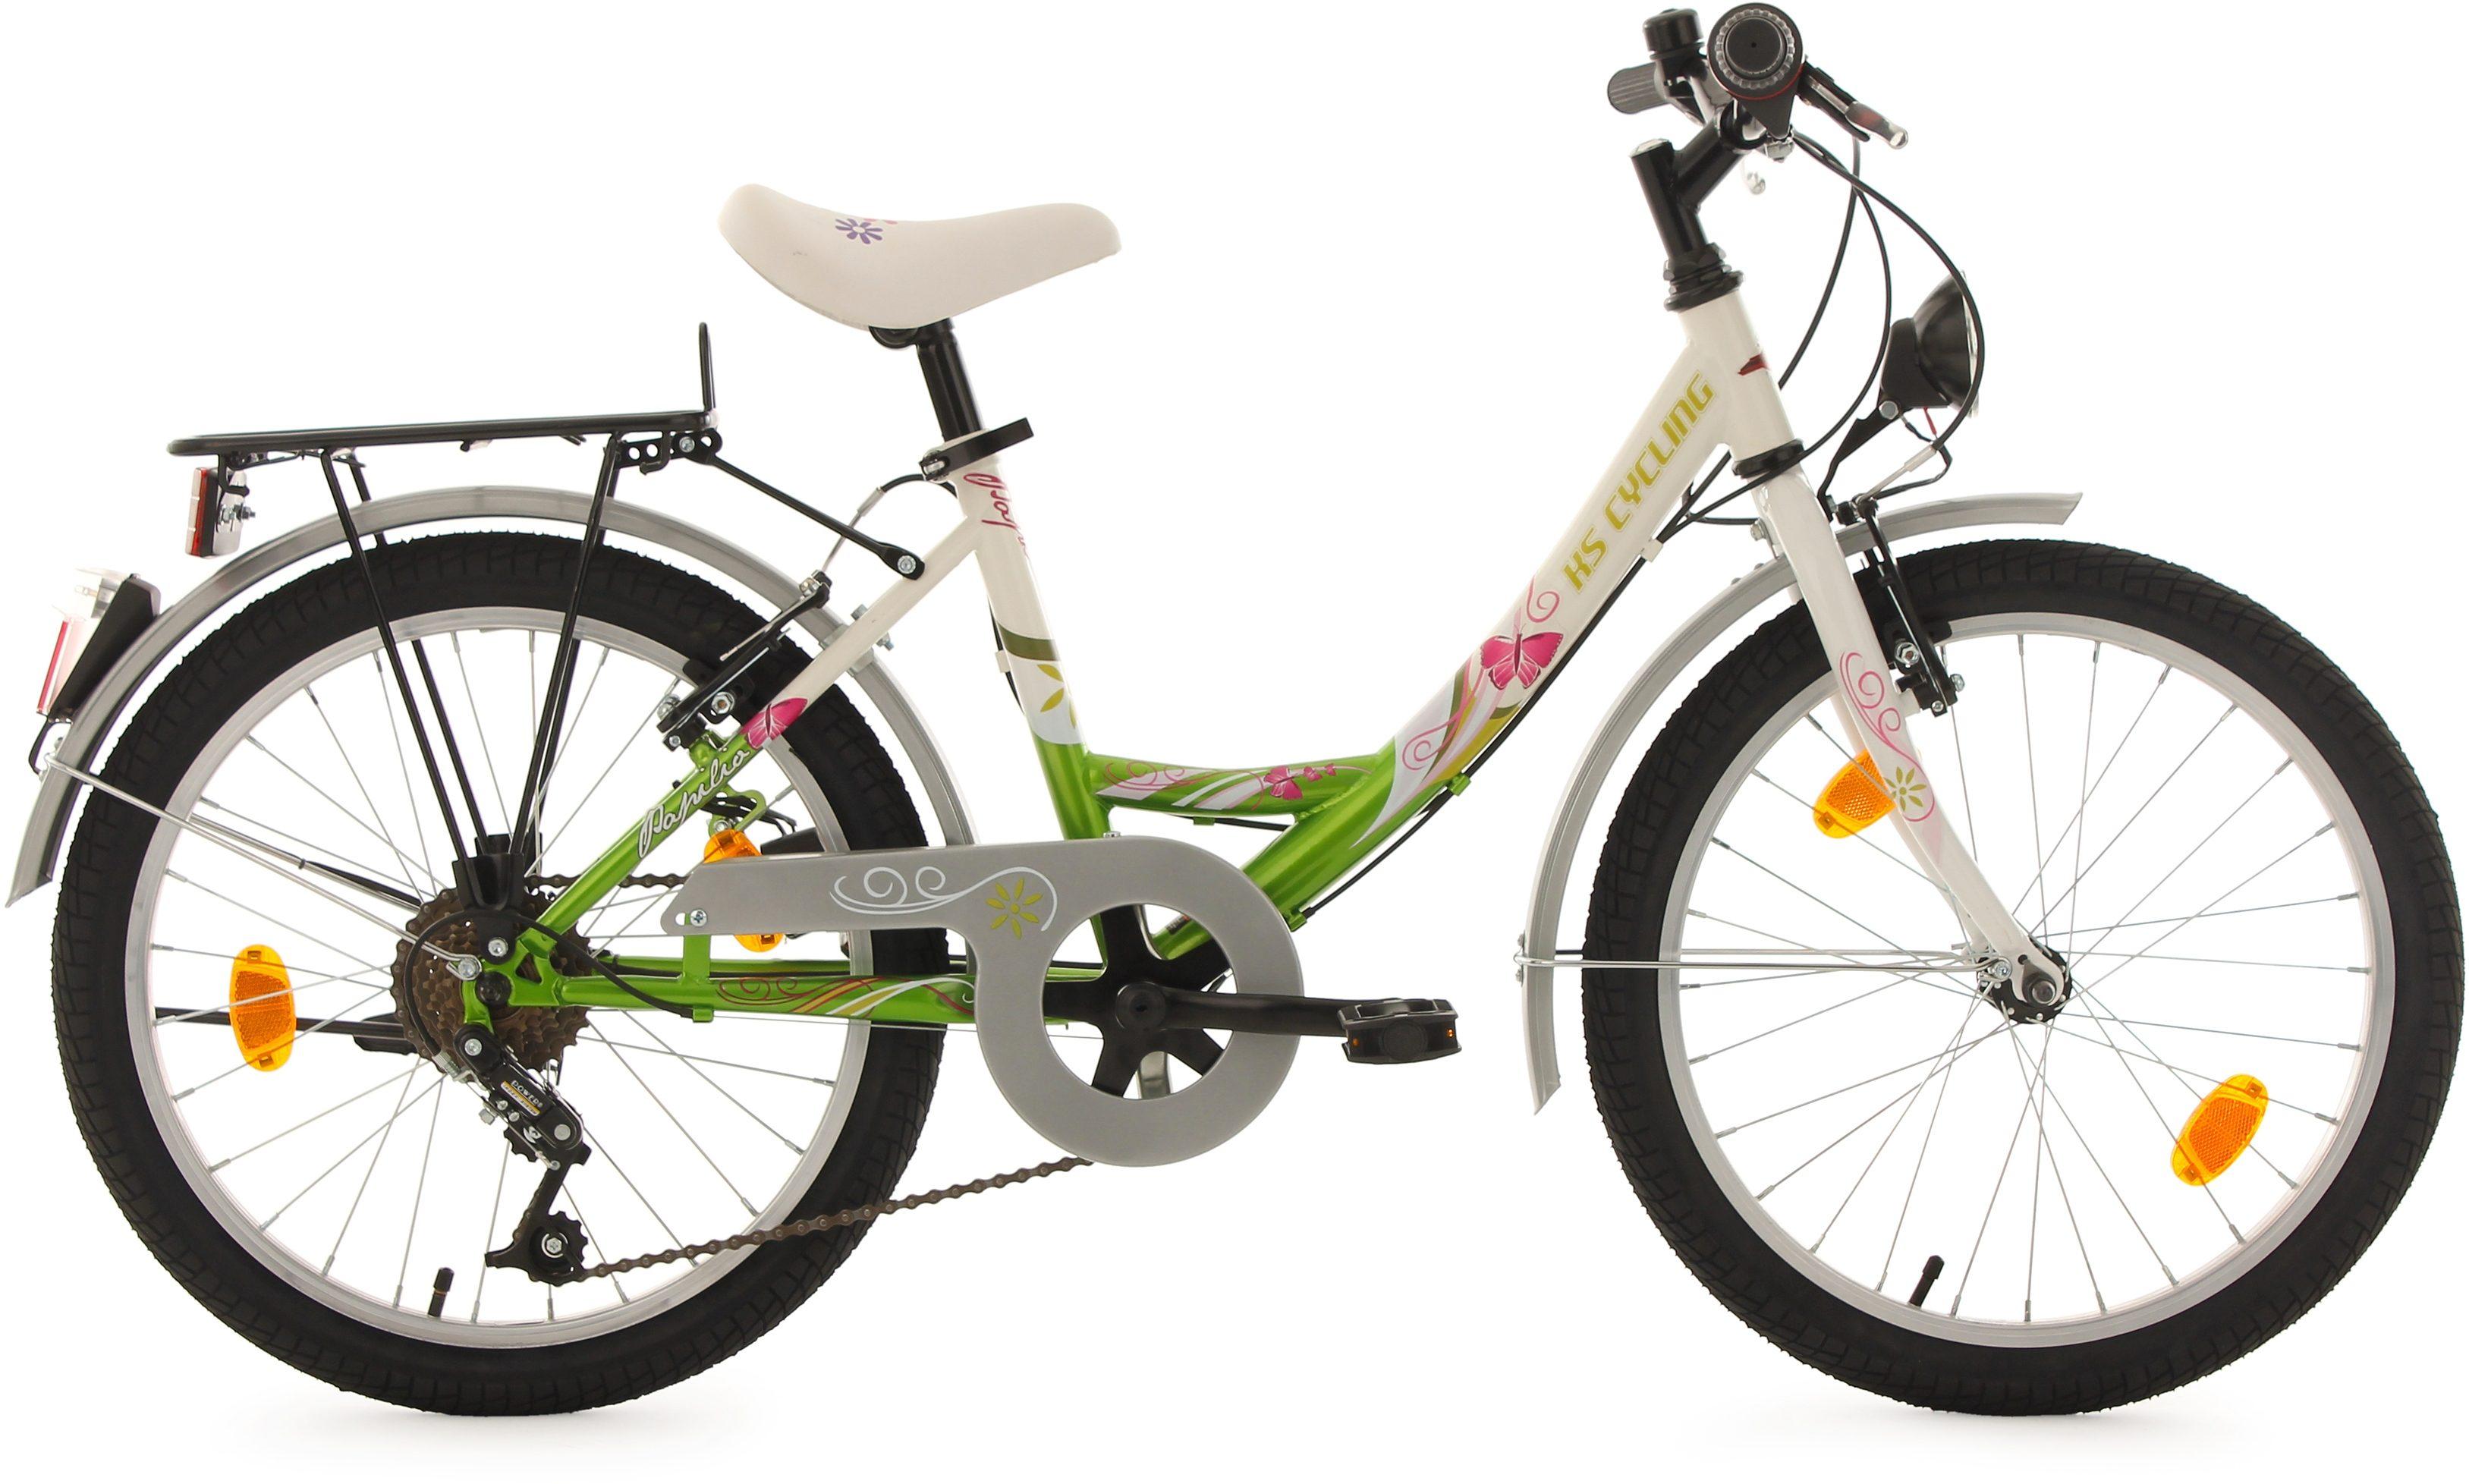 KS Cycling Jugendfahrrad, 20 Zoll, weiß-grün, 6 Gang-Kettenschaltung, »Papilio«